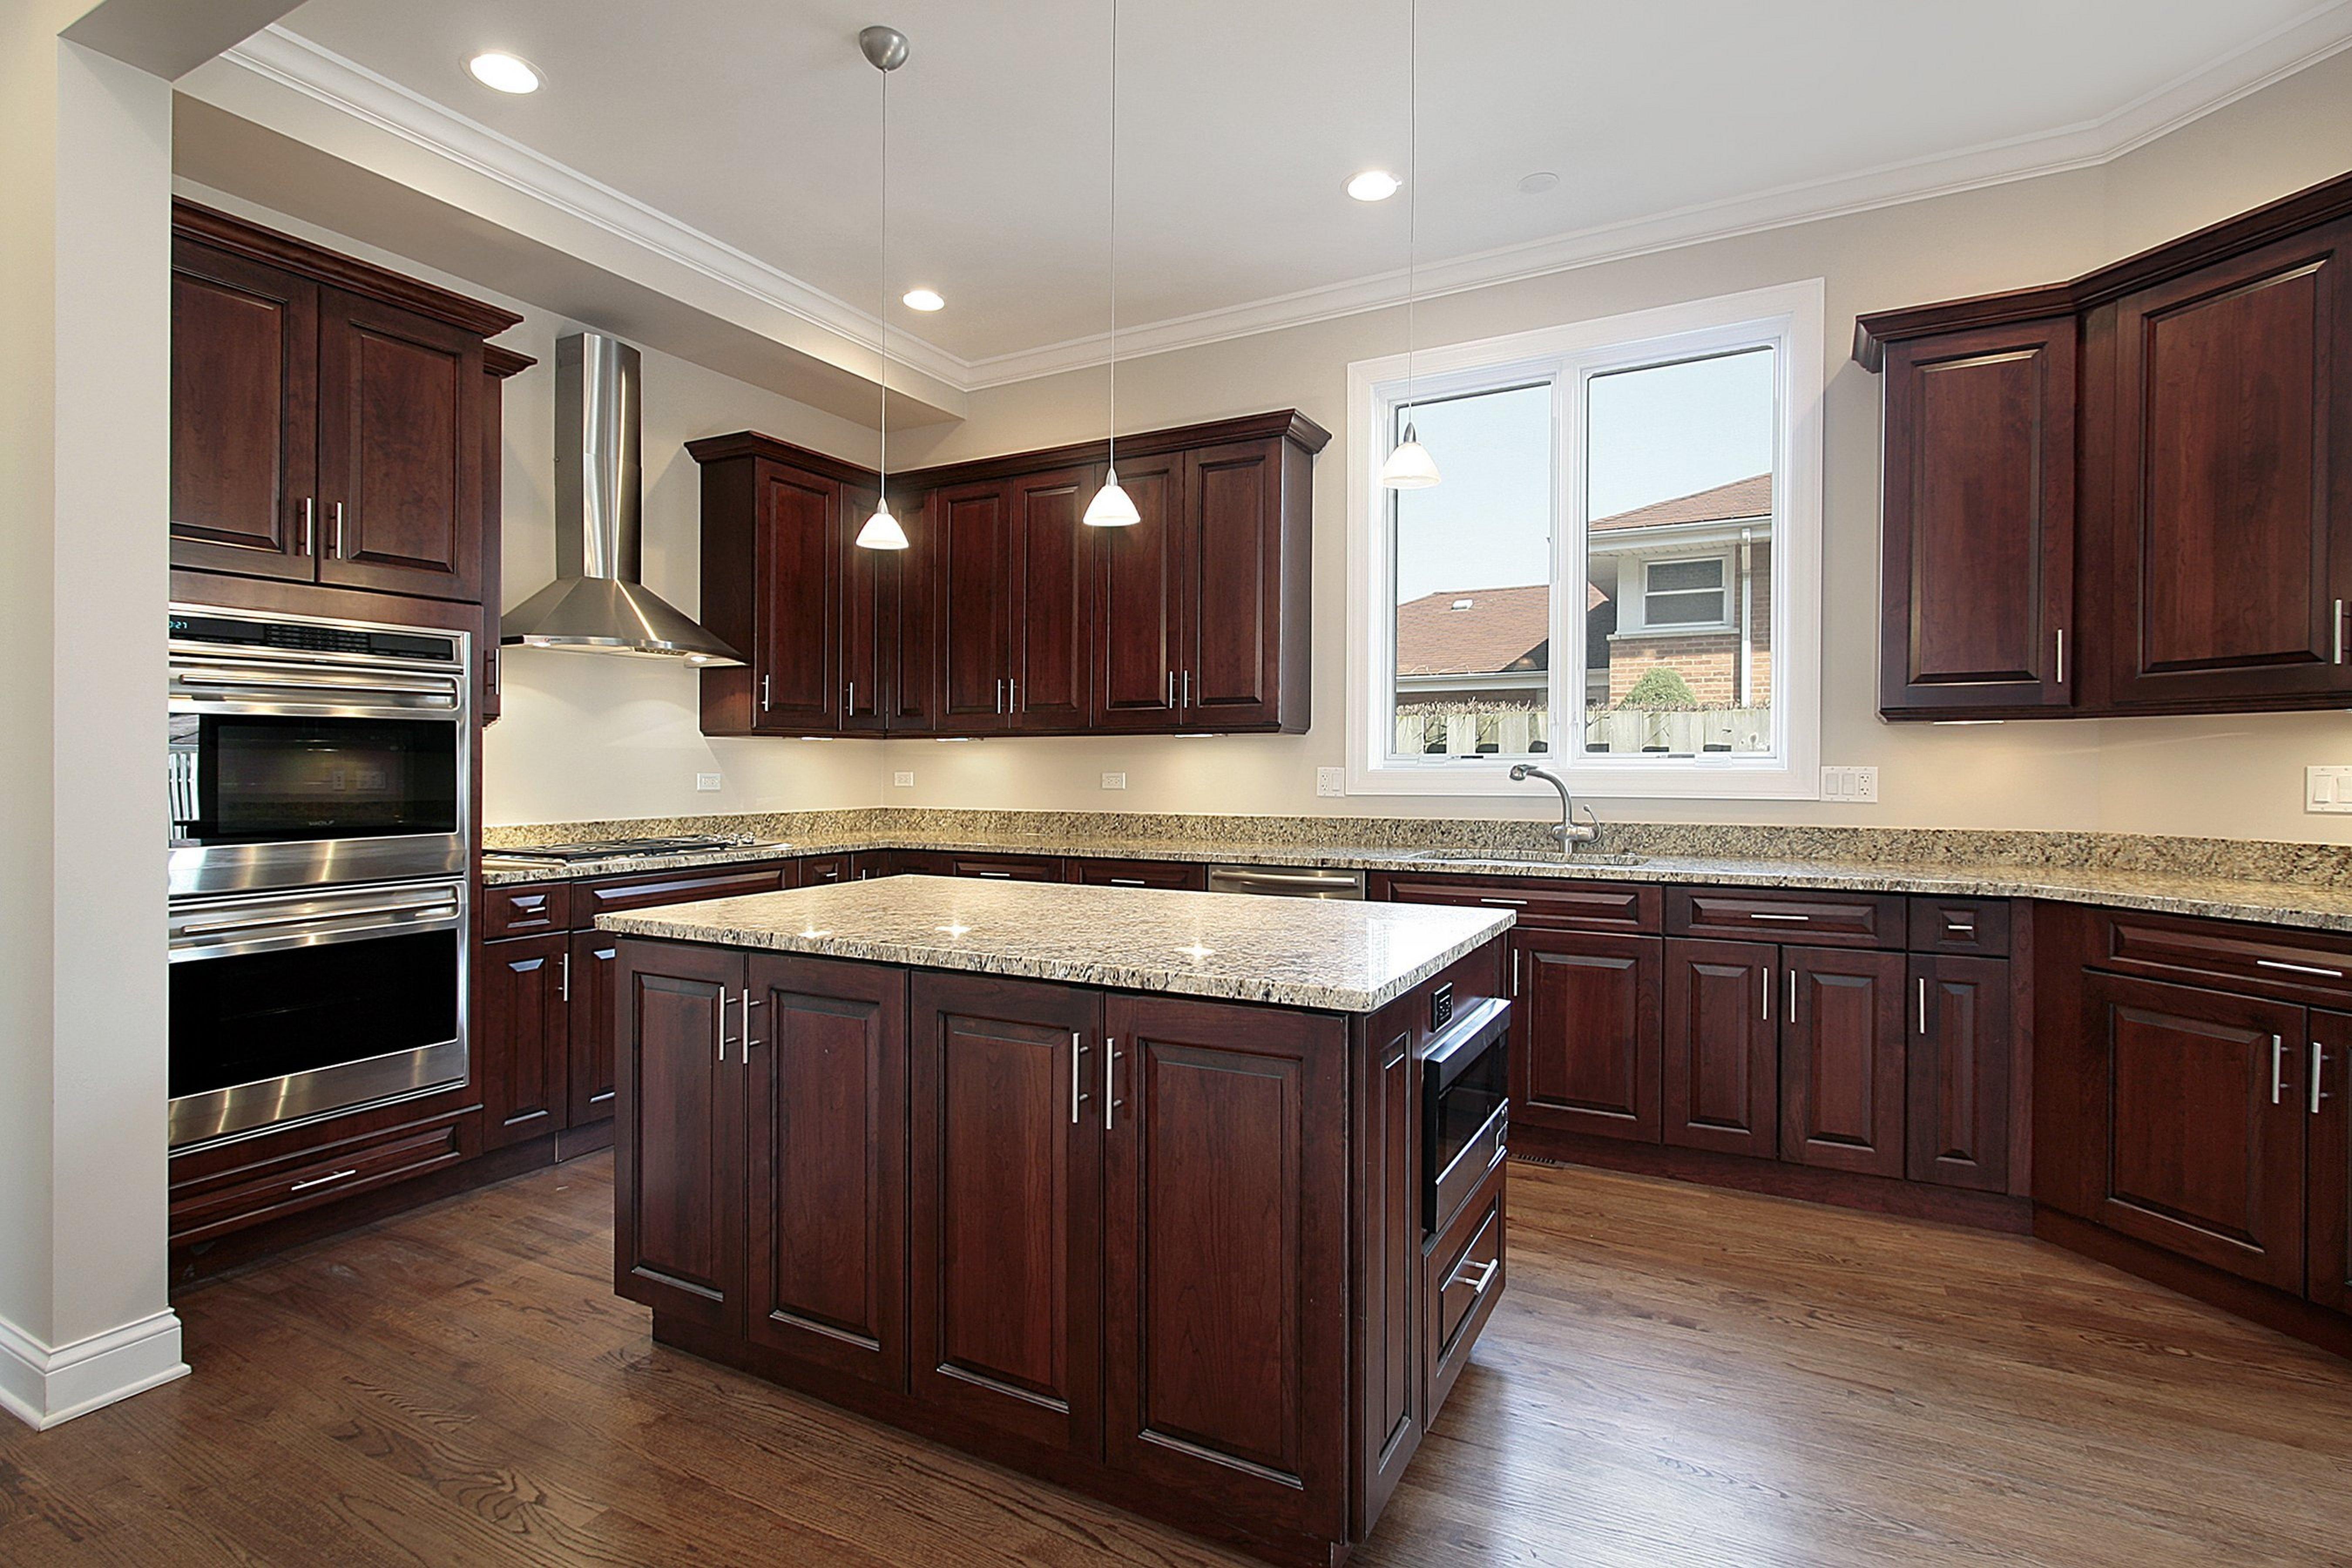 Kitchen Renovation Value House